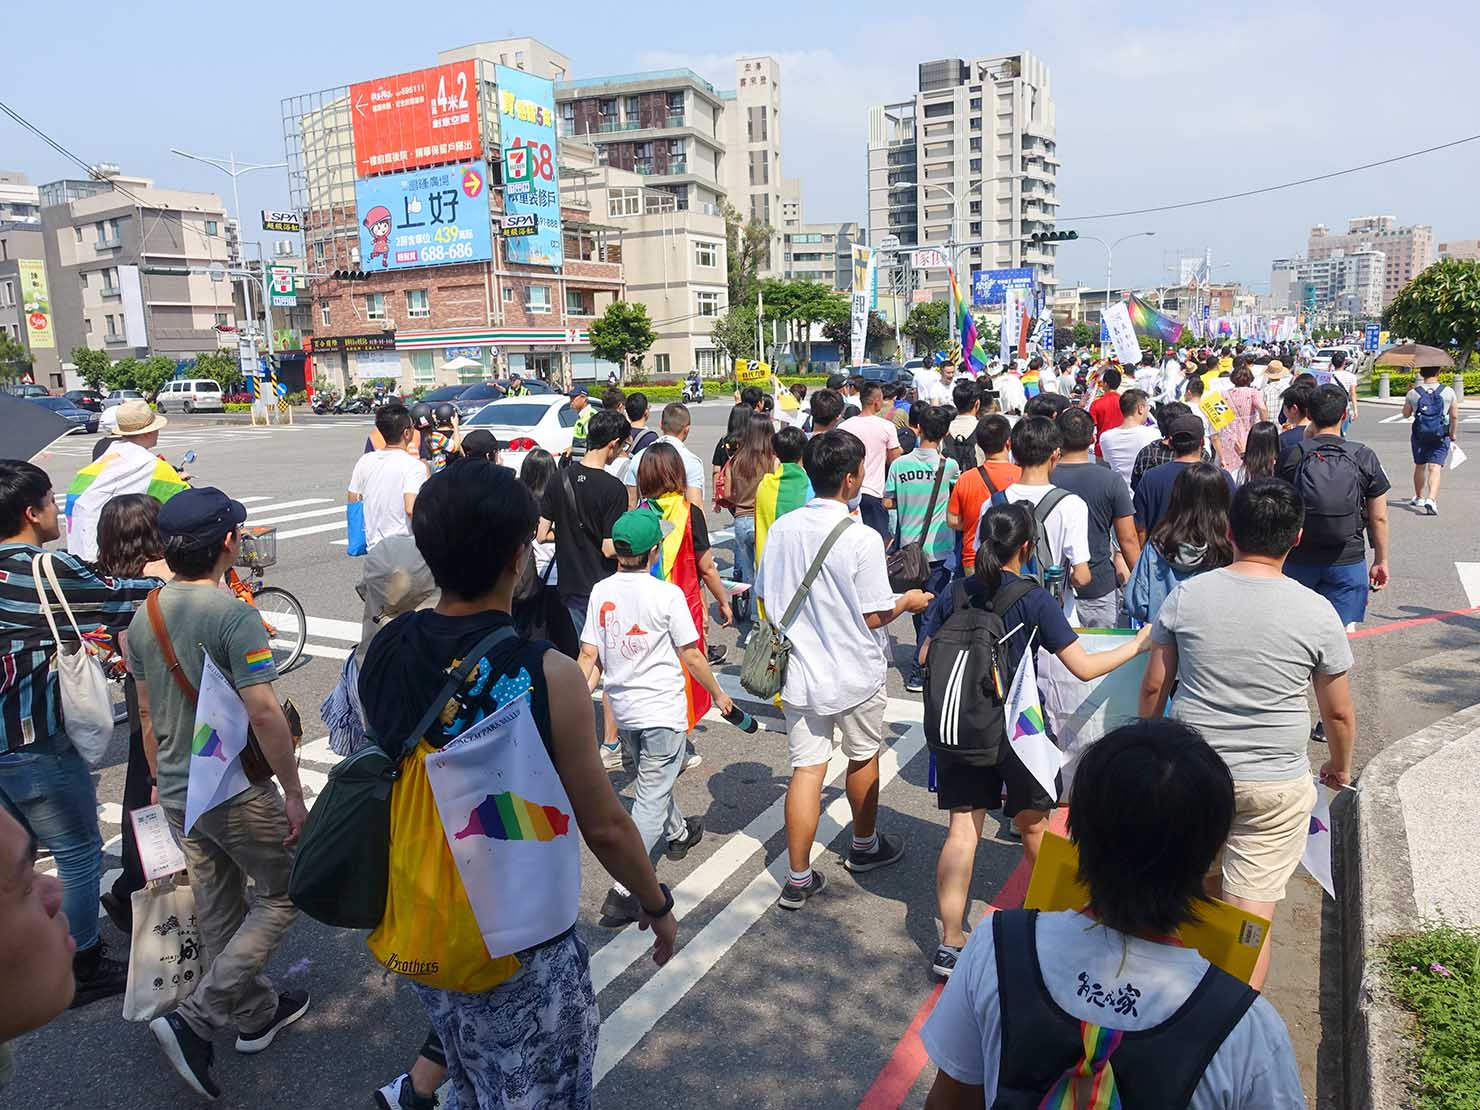 苗栗愛轉來平權遊行(苗栗LGBTプライド)2019でパレードを歩く参加者